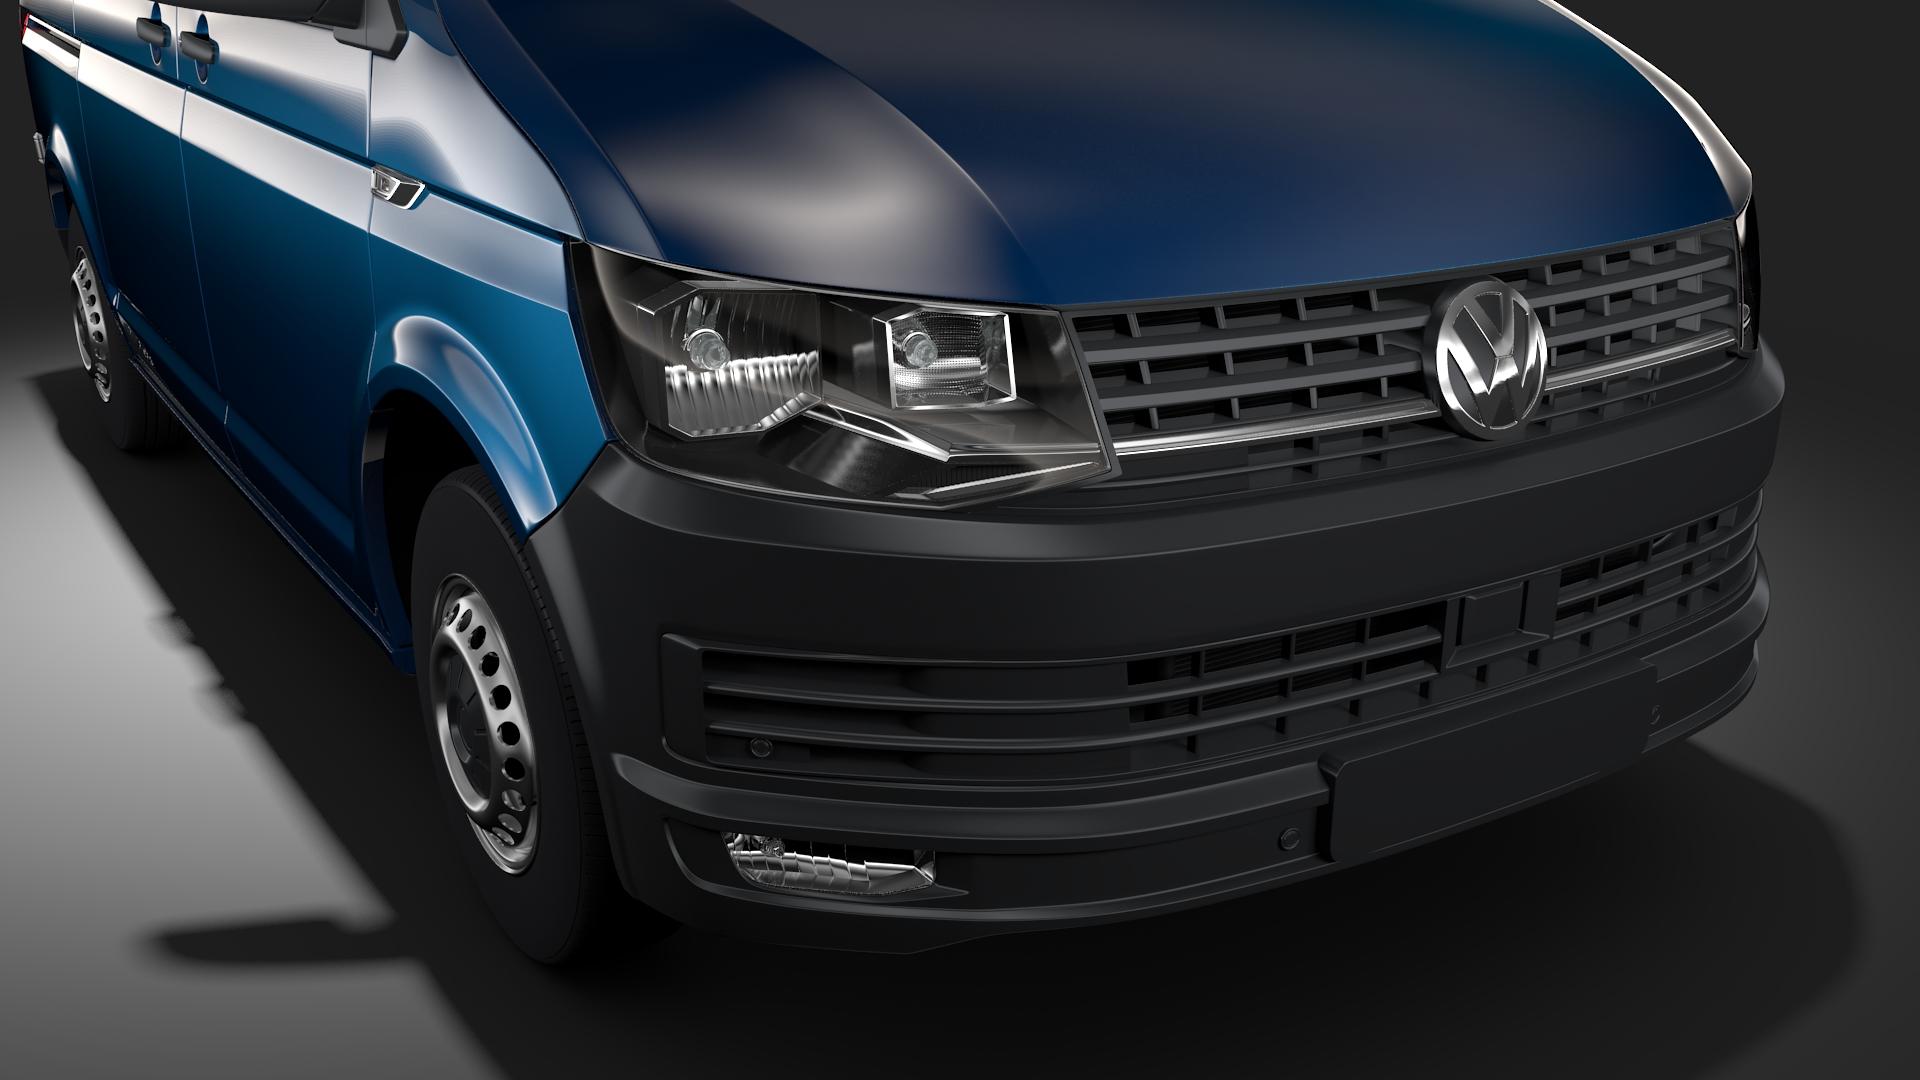 volkswagen transporter van l1h1 t6 2017 3d model fbx c4d lwo ma mb hrc xsi obj 275124